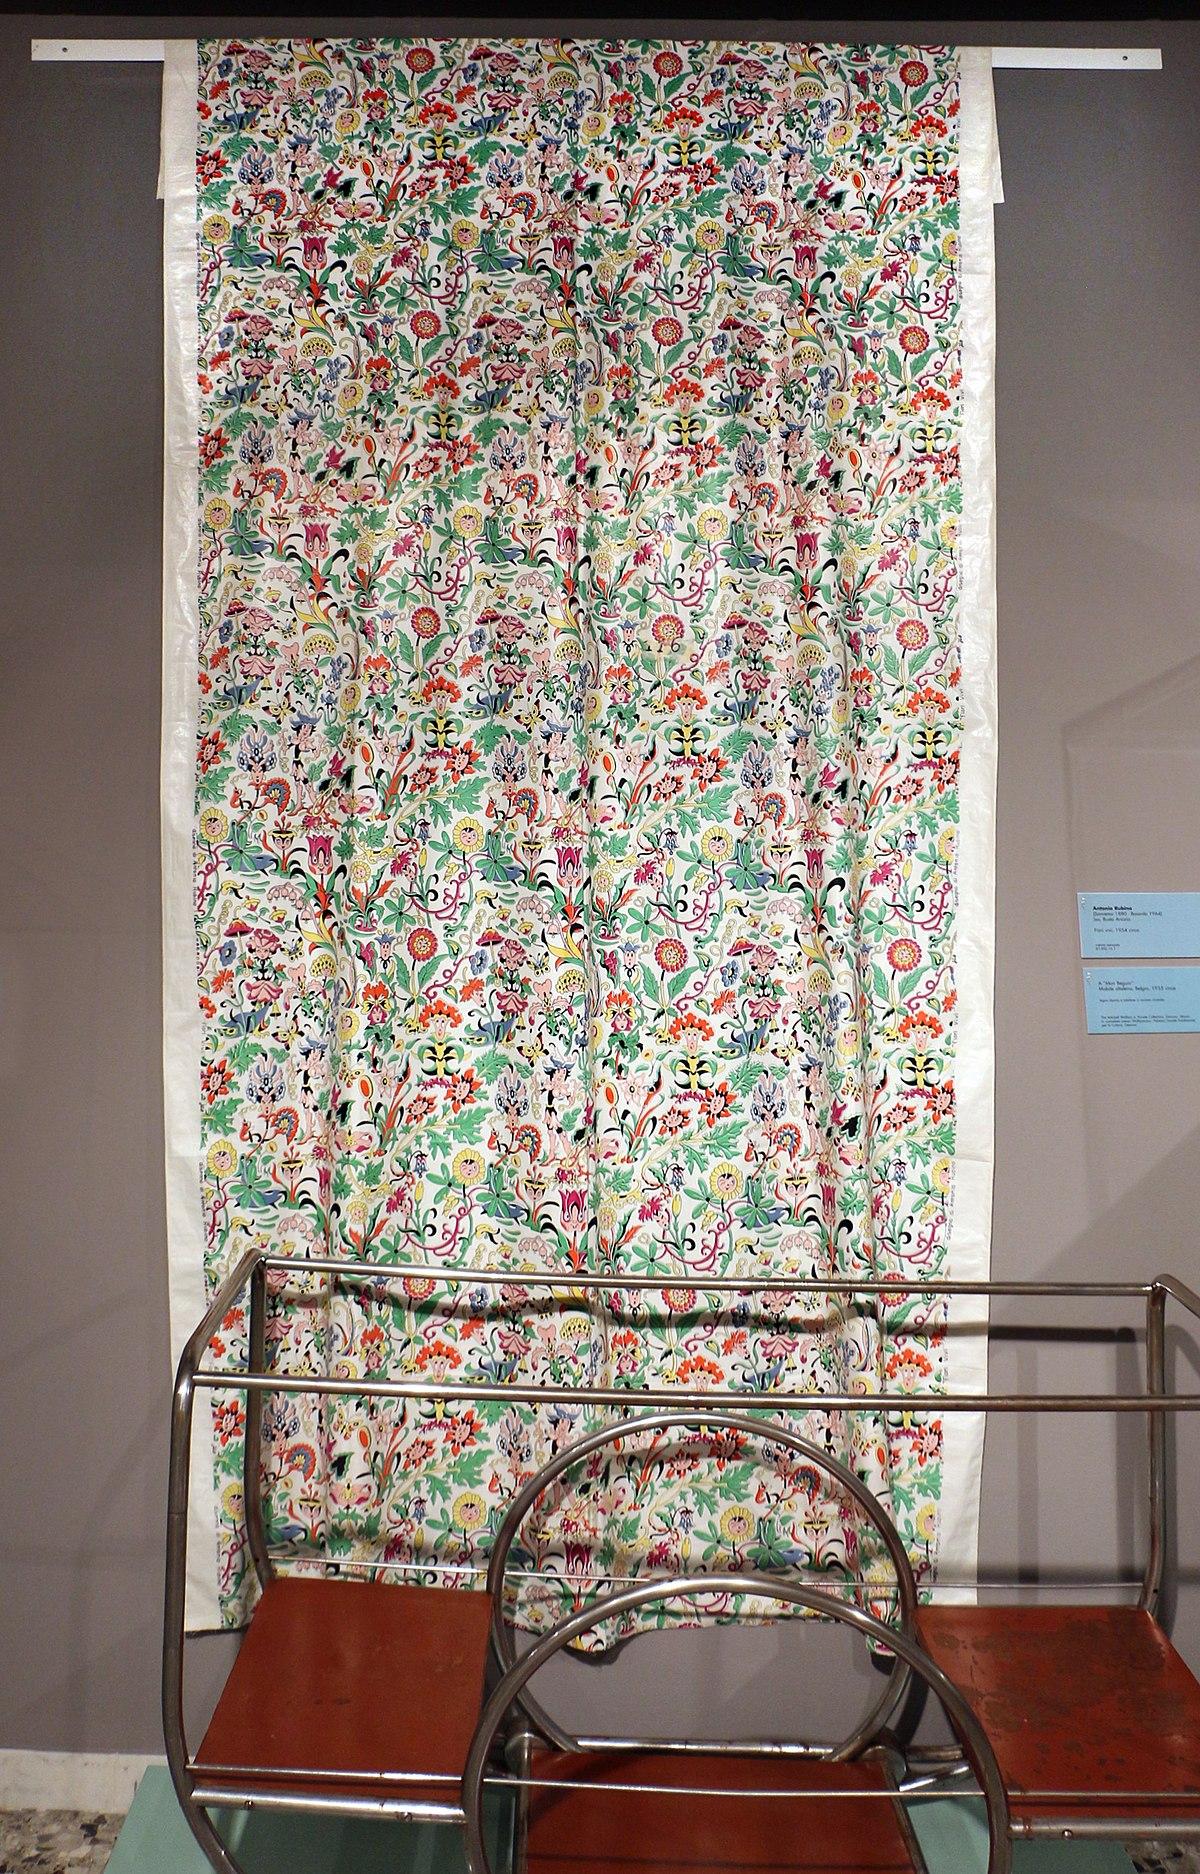 Home Design Busto Arsizio file:antonio rubino per jsa, tenda in cotone stampato fiori